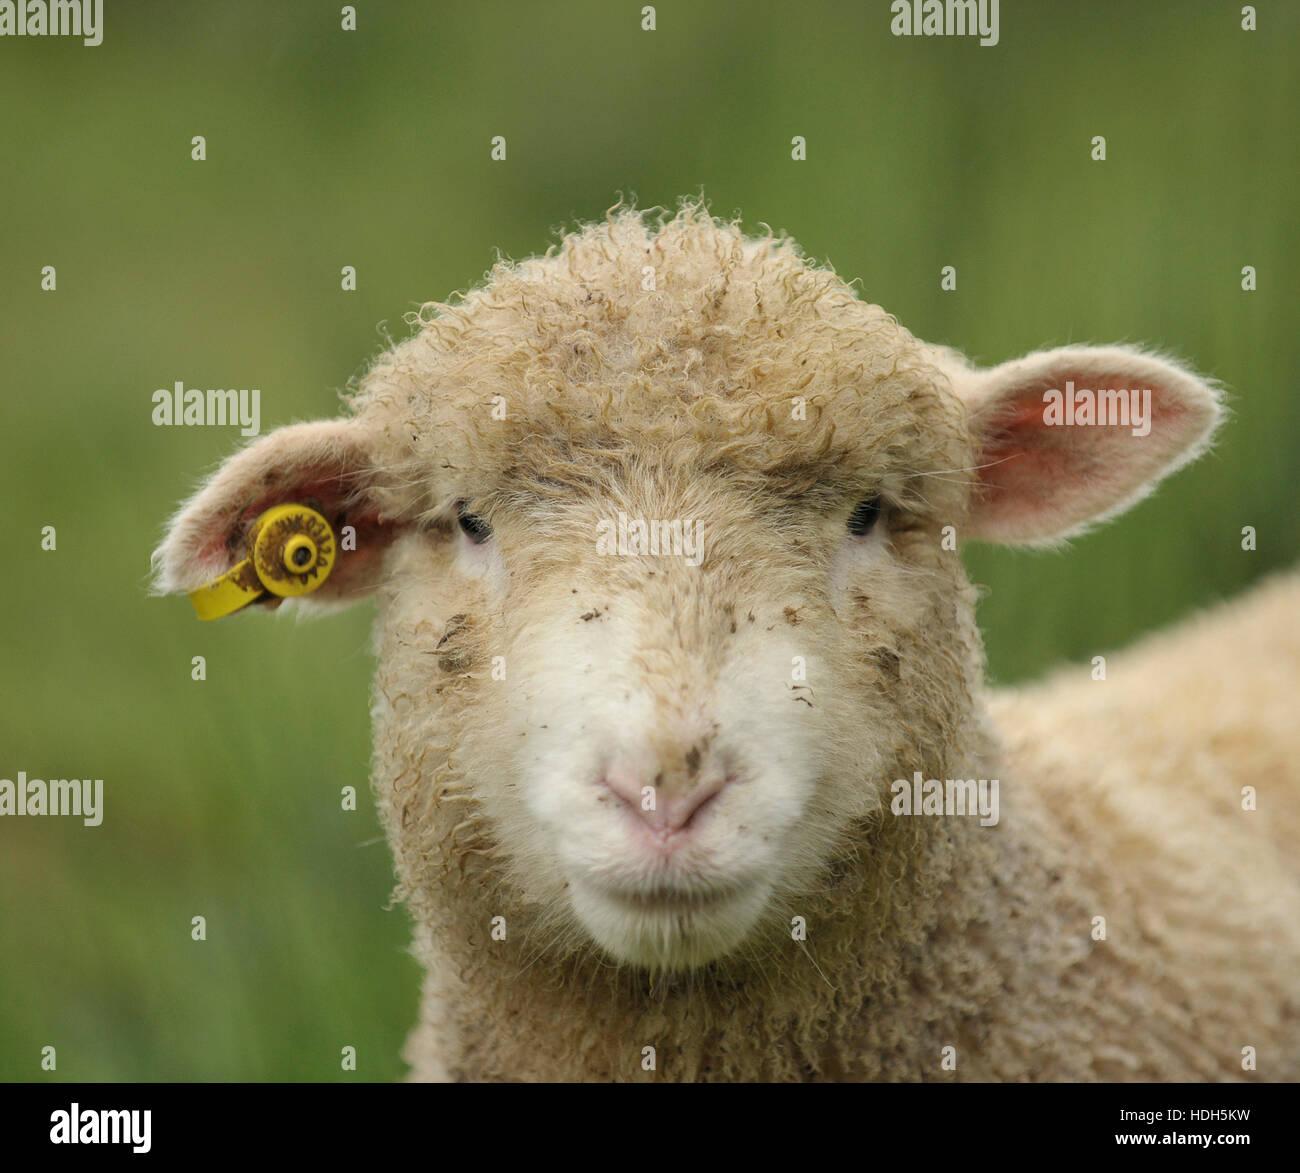 lamb poll dorset x mixed breed Stock Photo